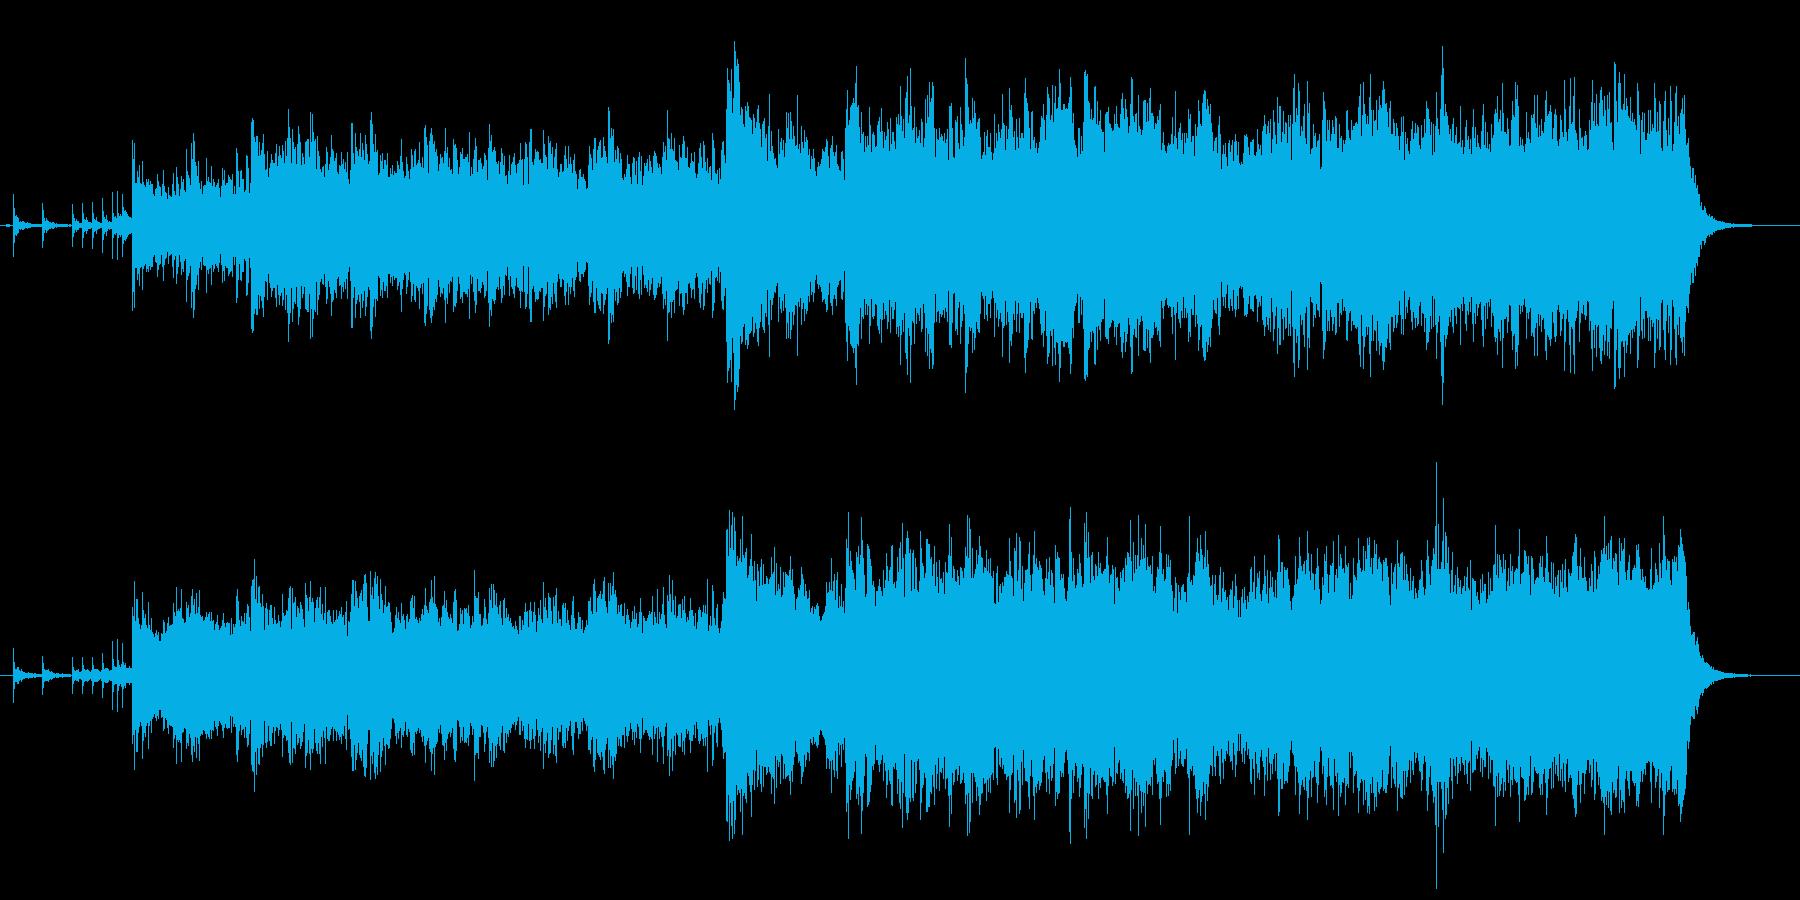 ジプシー民族調の輪舞のイメージで役1分の再生済みの波形